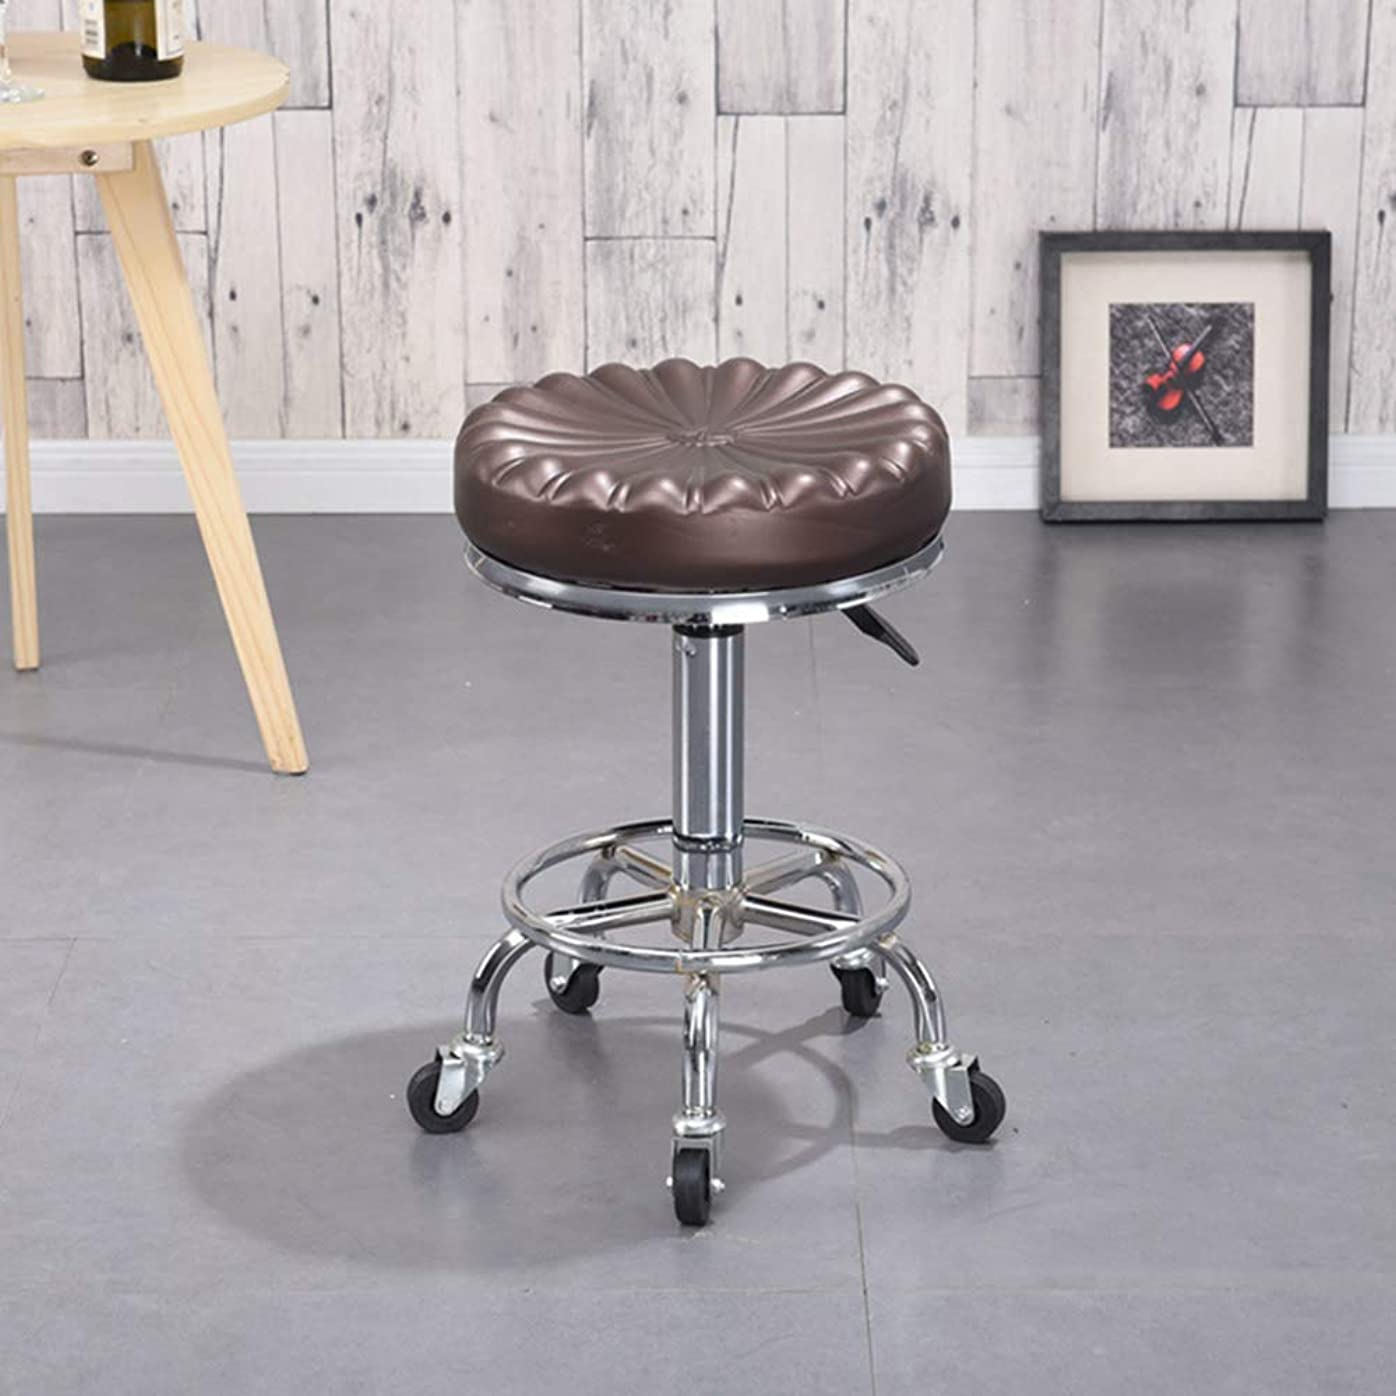 部分的に階層明るいローリング回転スツール製椅子、車輪付き、メタル三脚、マッサージスパサロン美容理髪マニキュアキッチンギターオフィス,BrownC